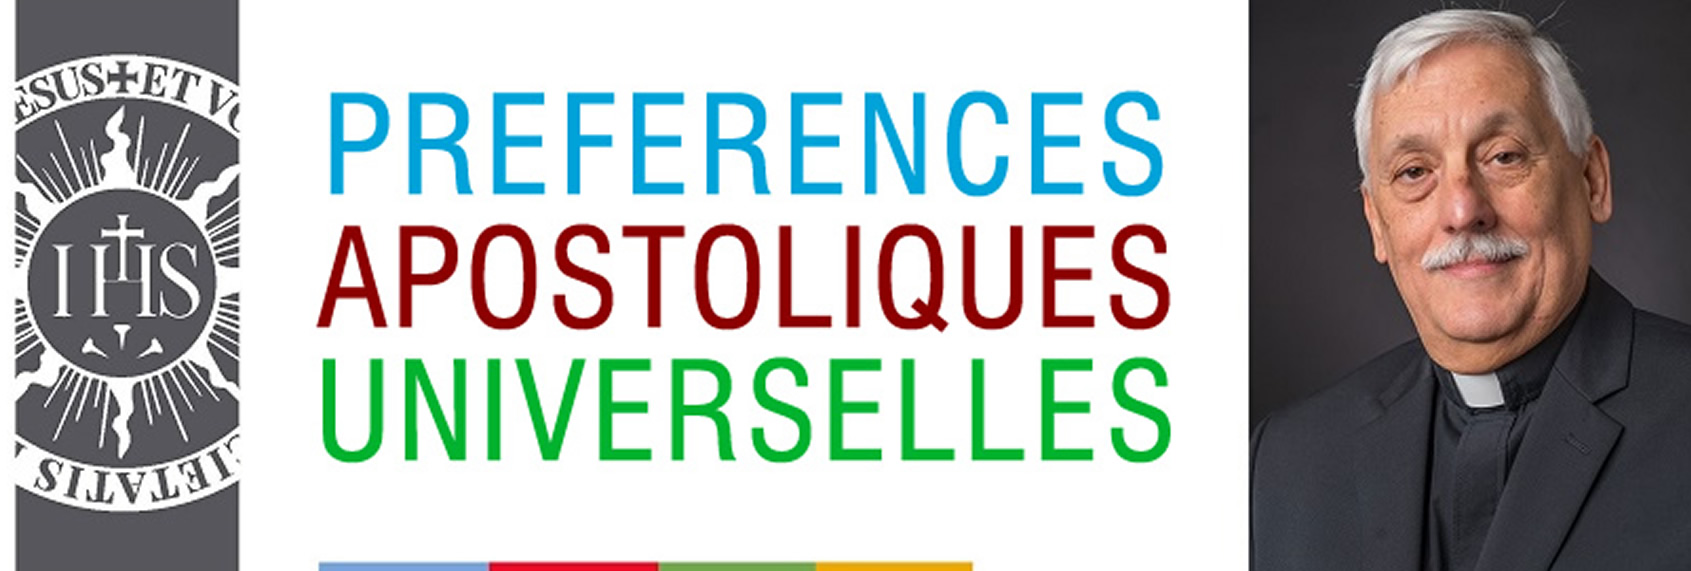 Préférences Apostoliques Universelle